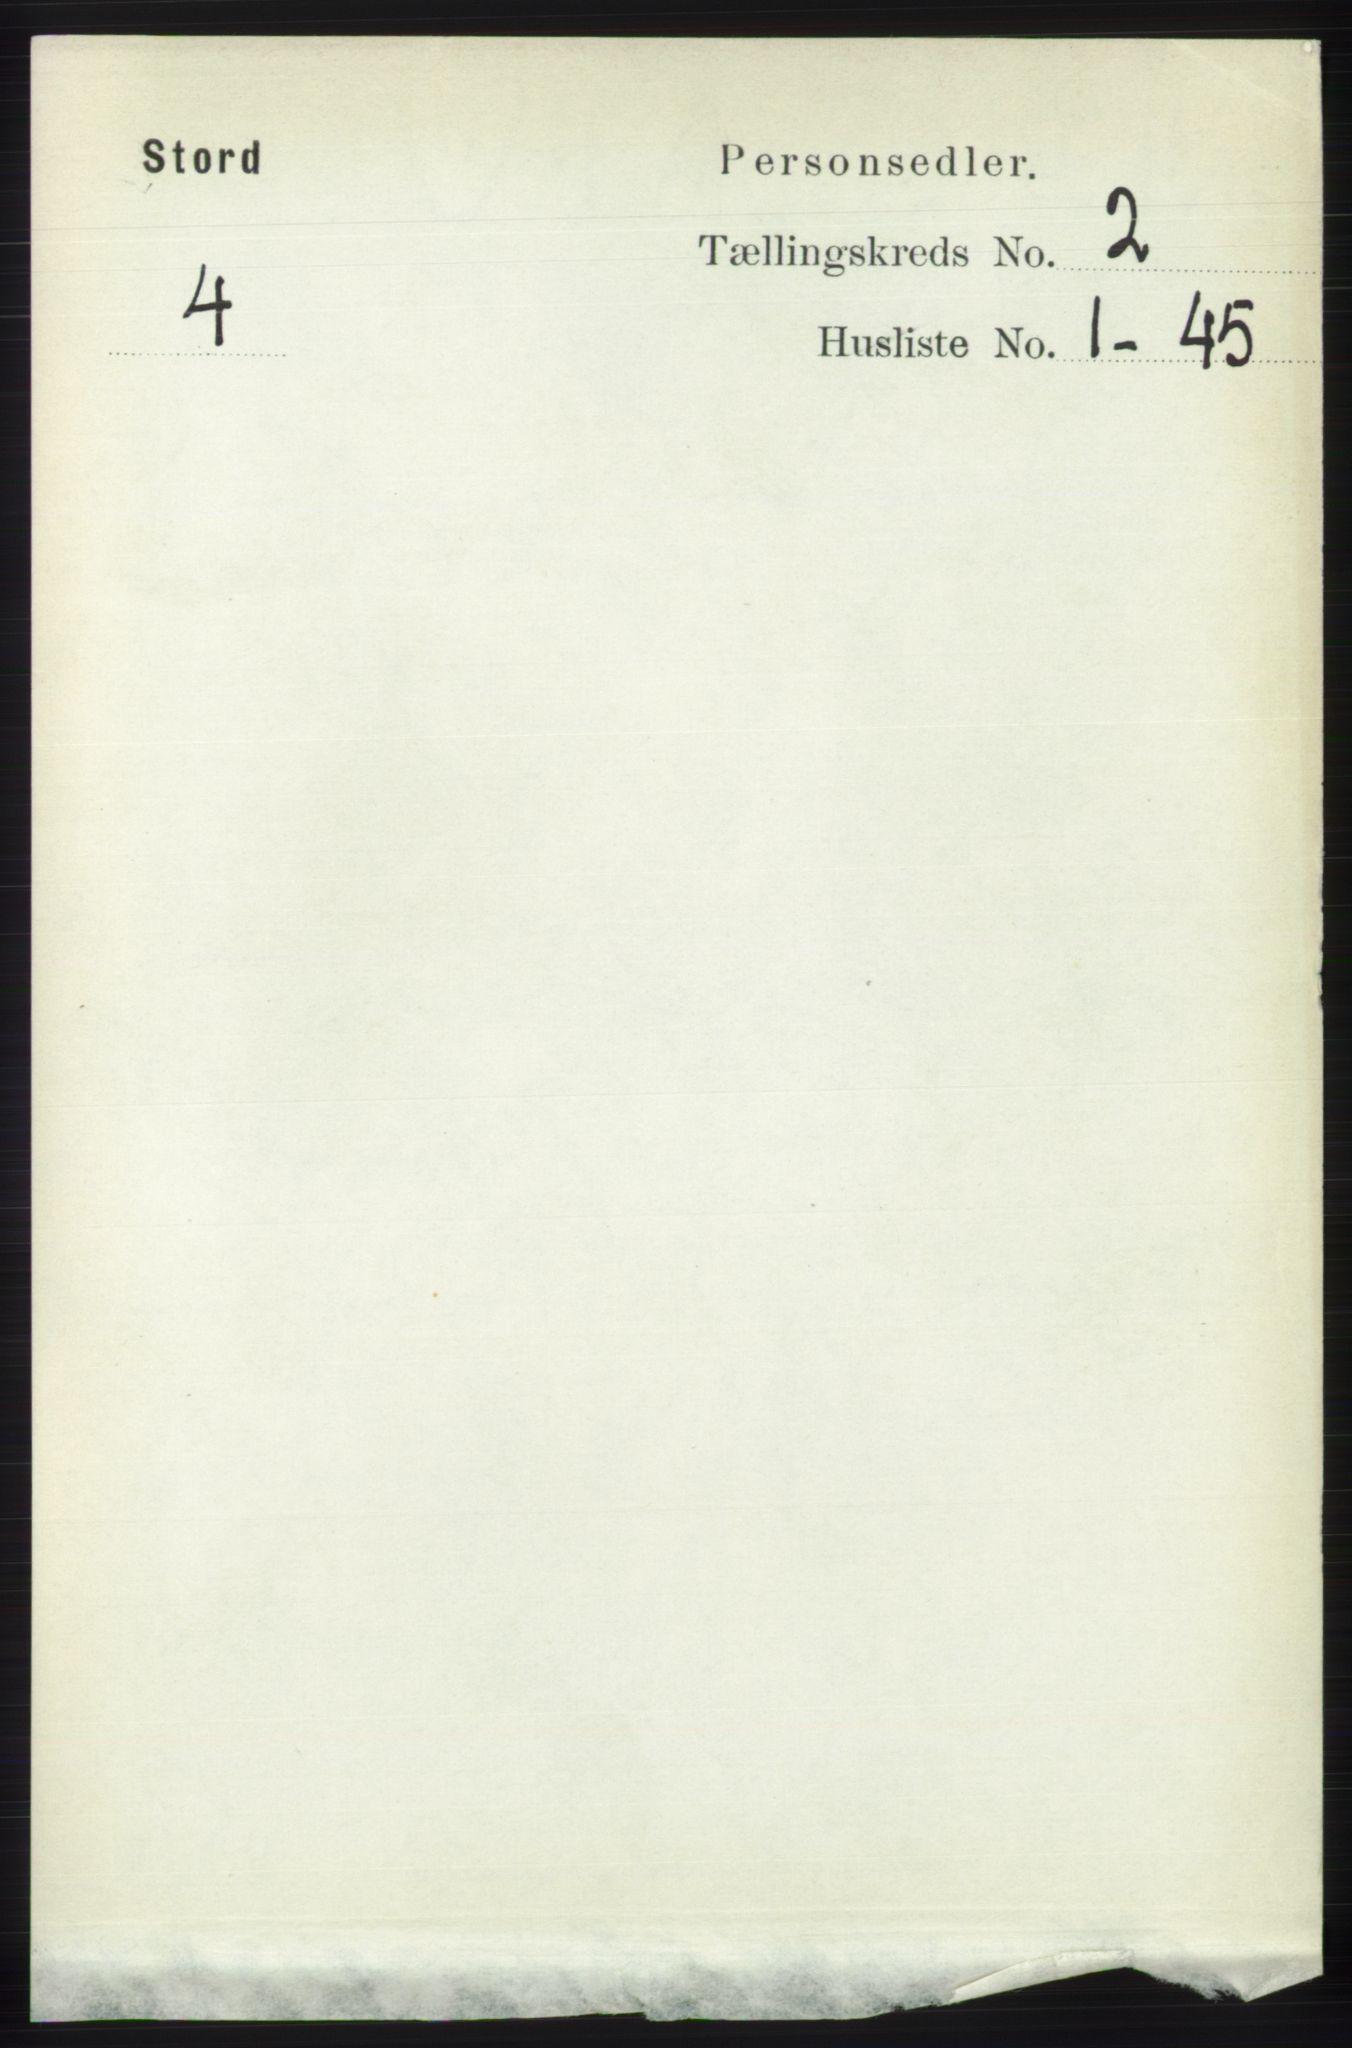 RA, Folketelling 1891 for 1221 Stord herred, 1891, s. 252